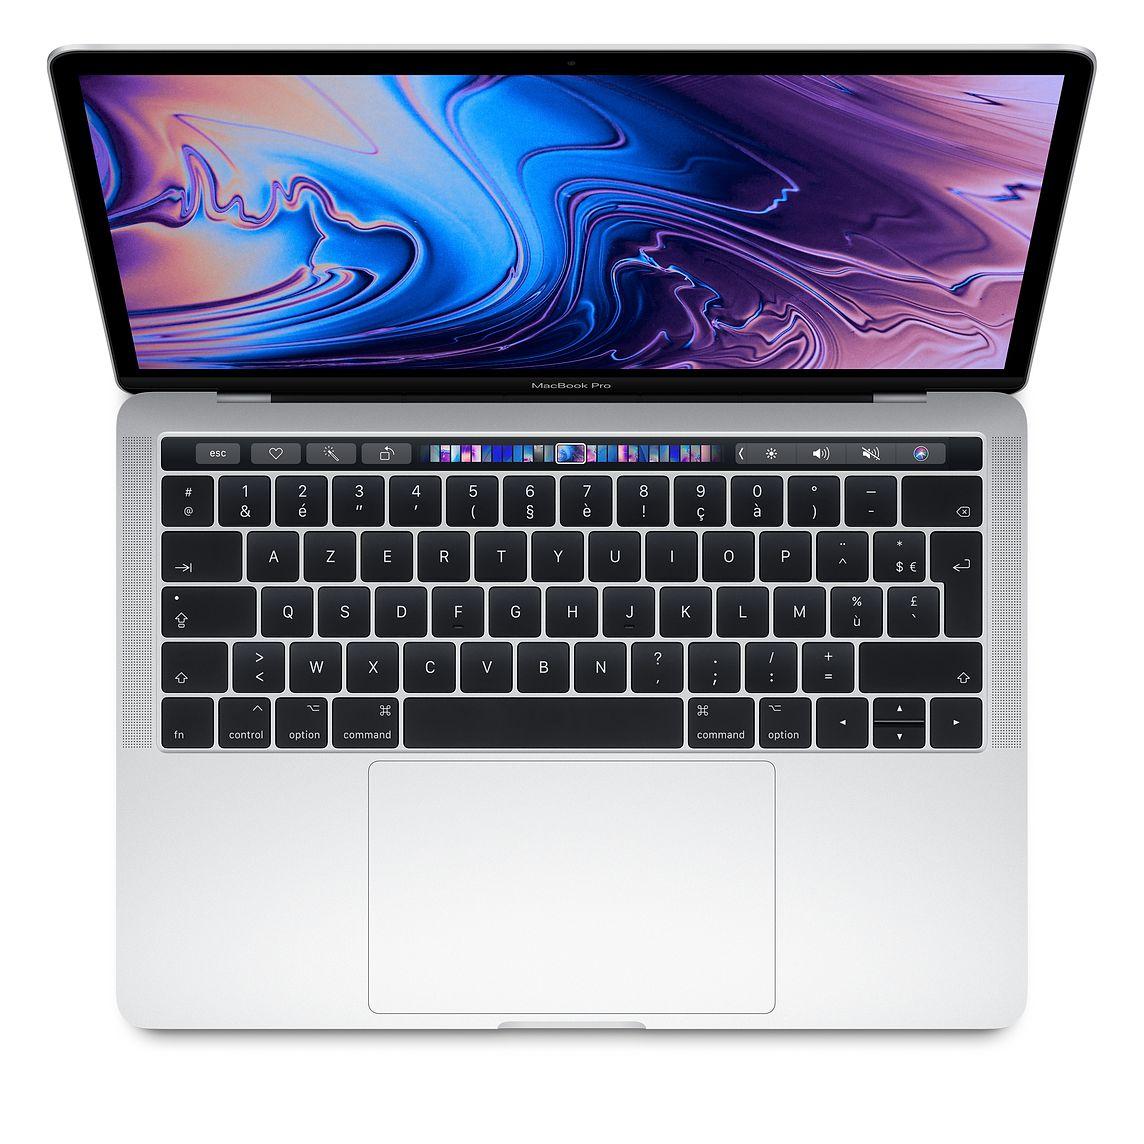 """Ordinateur Portable 13.3"""" MacBook Pro Retina 13 2018 (Reconditionné) - Intel i5 quadricoeur 2,3 GHz, SSD 256 Go, 8Go RAM, Touch Bar - Argent"""